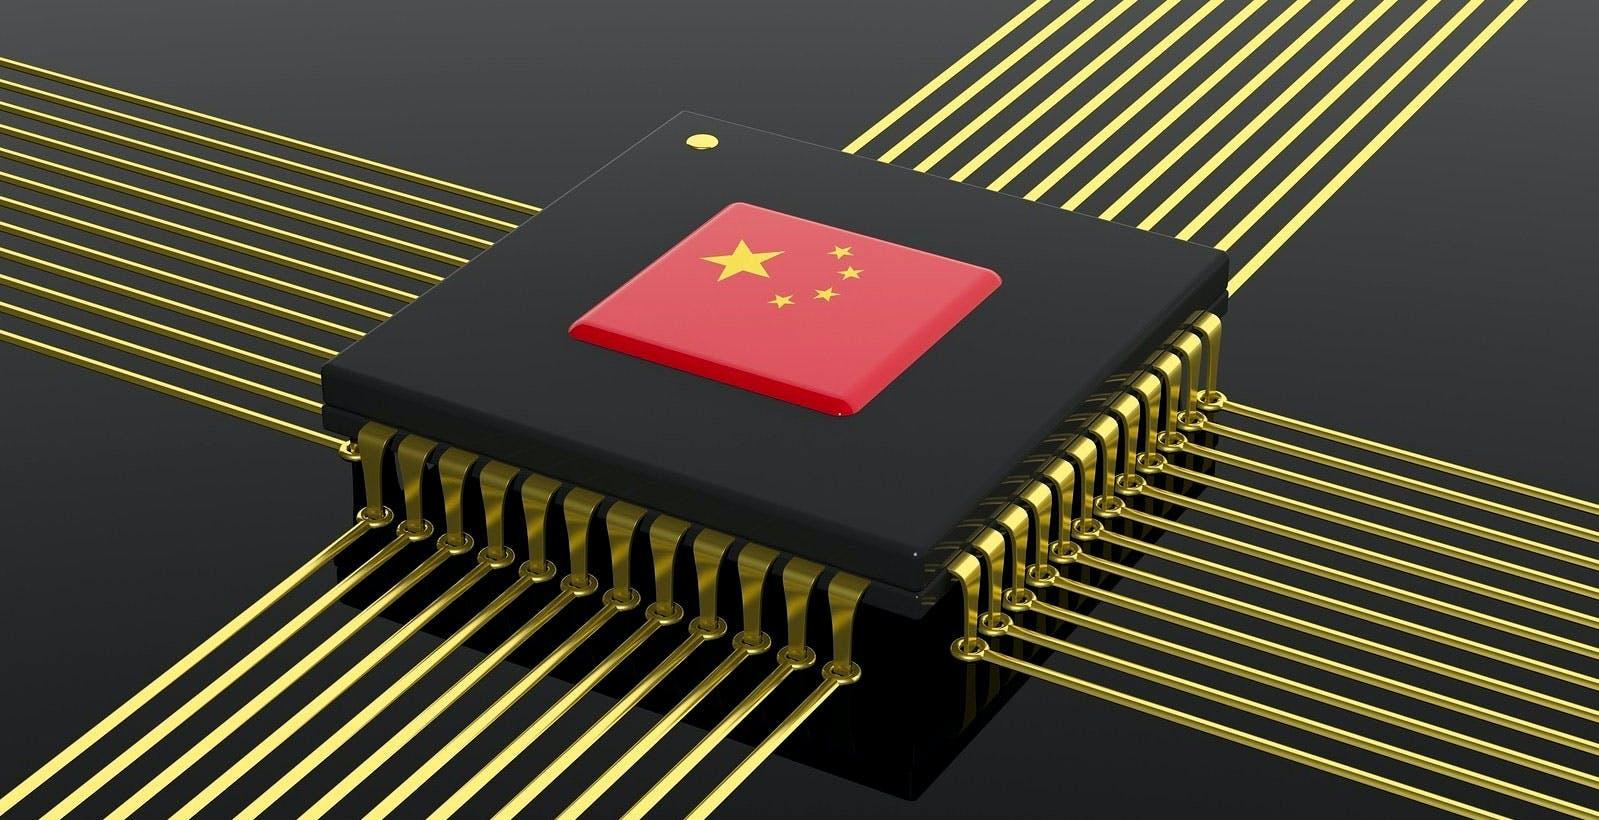 """Gli analisti: """"Huawei condannata a morte dagli Usa"""". La Cina non reagisce e aspetta in silenzio le elezioni Usa"""